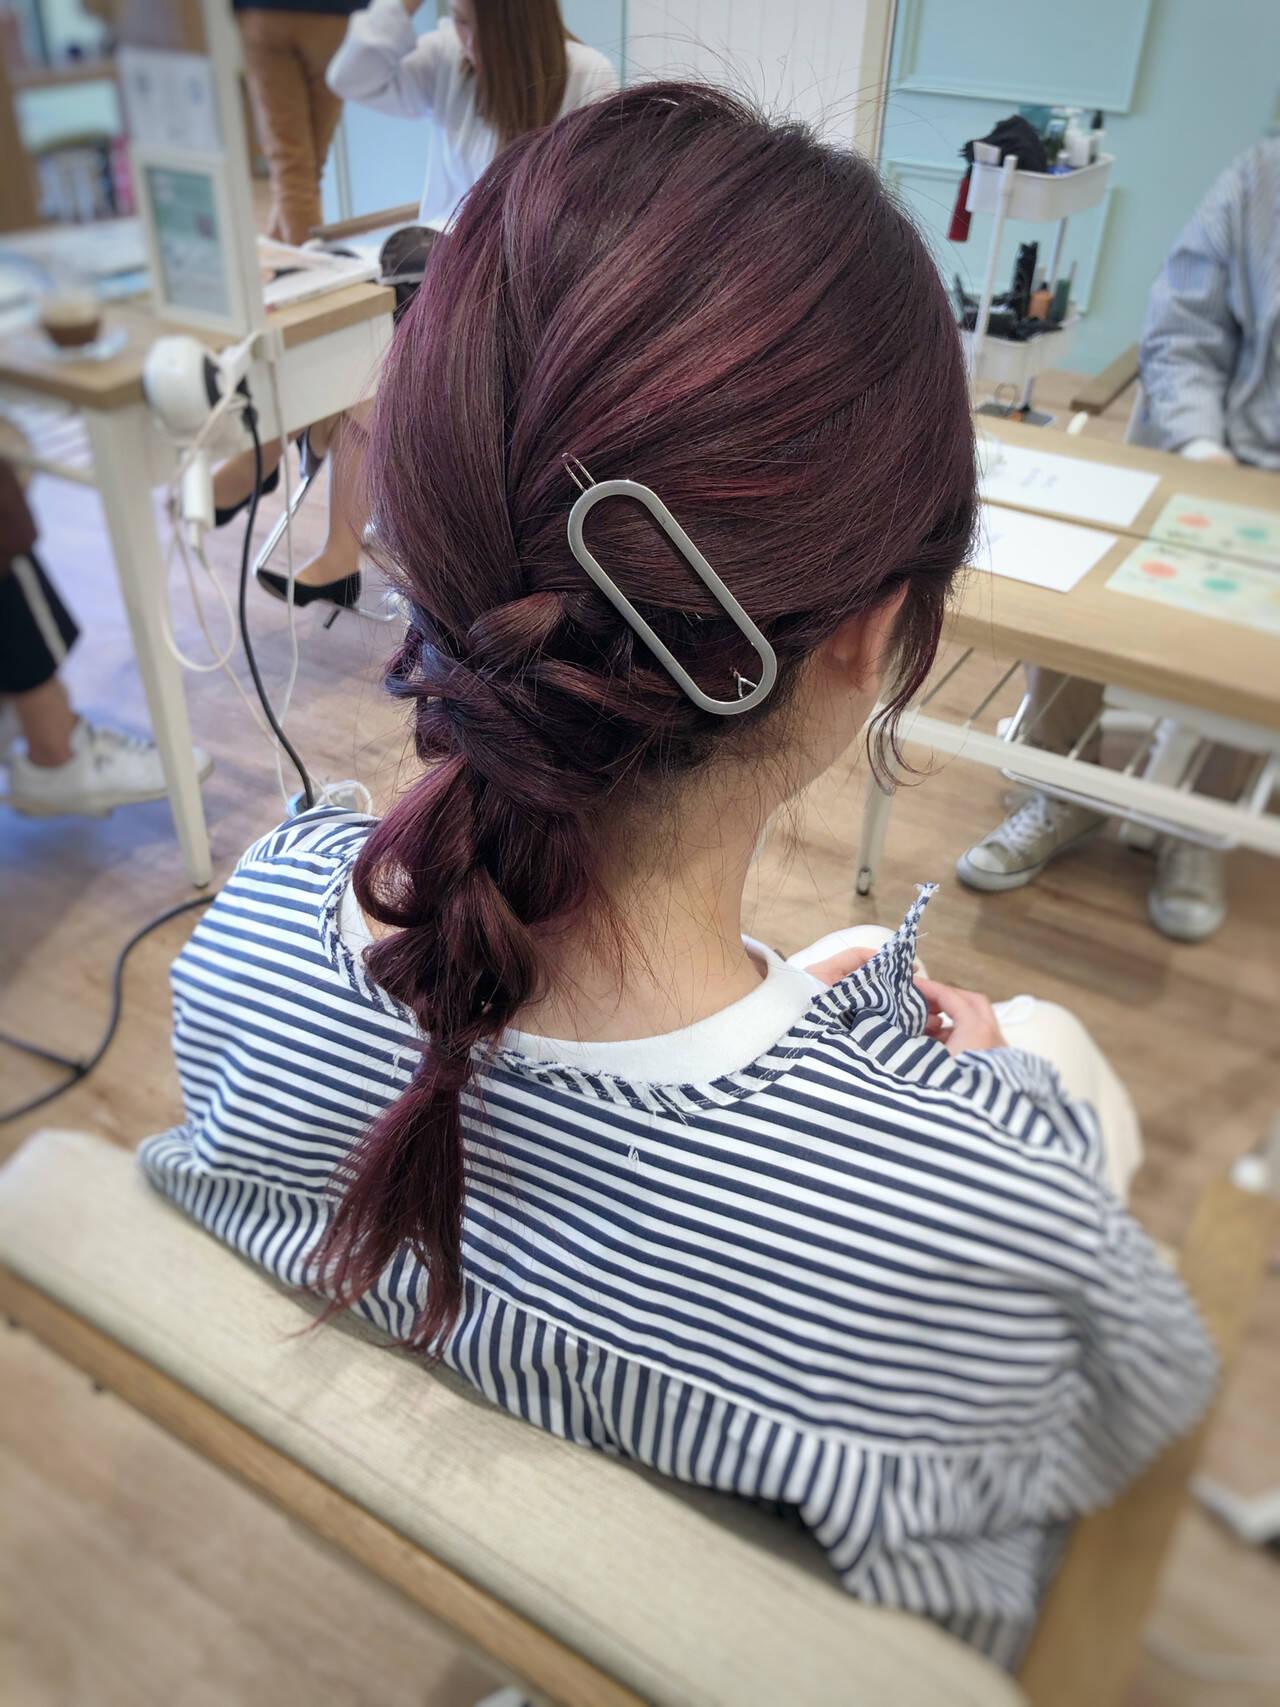 ヘアアレンジ セミロング ナチュラル オフィスヘアスタイルや髪型の写真・画像